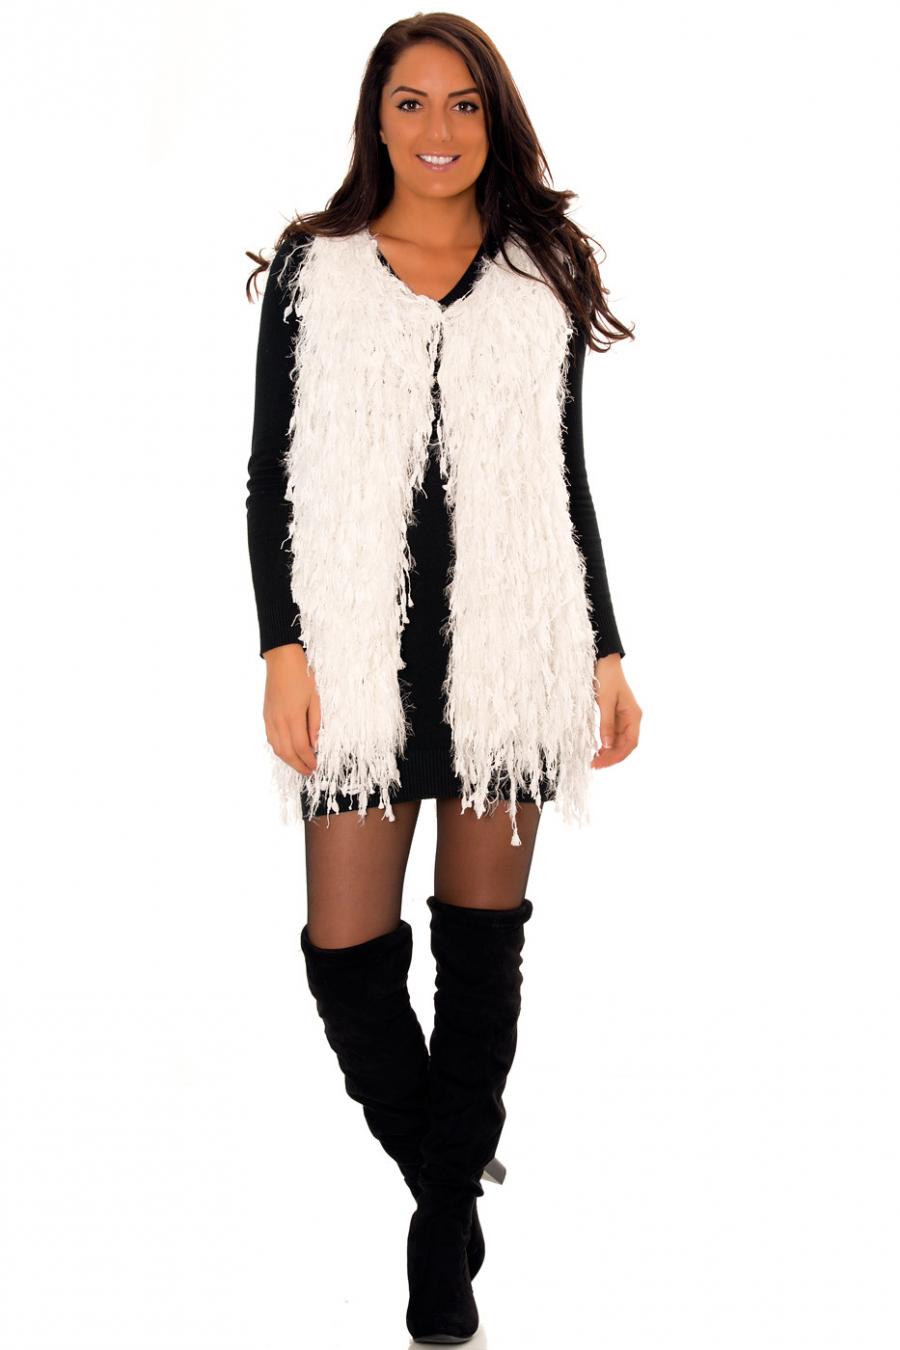 Very fashionable fringed sleeveless white cardigan. Trendy cardigan. A02.